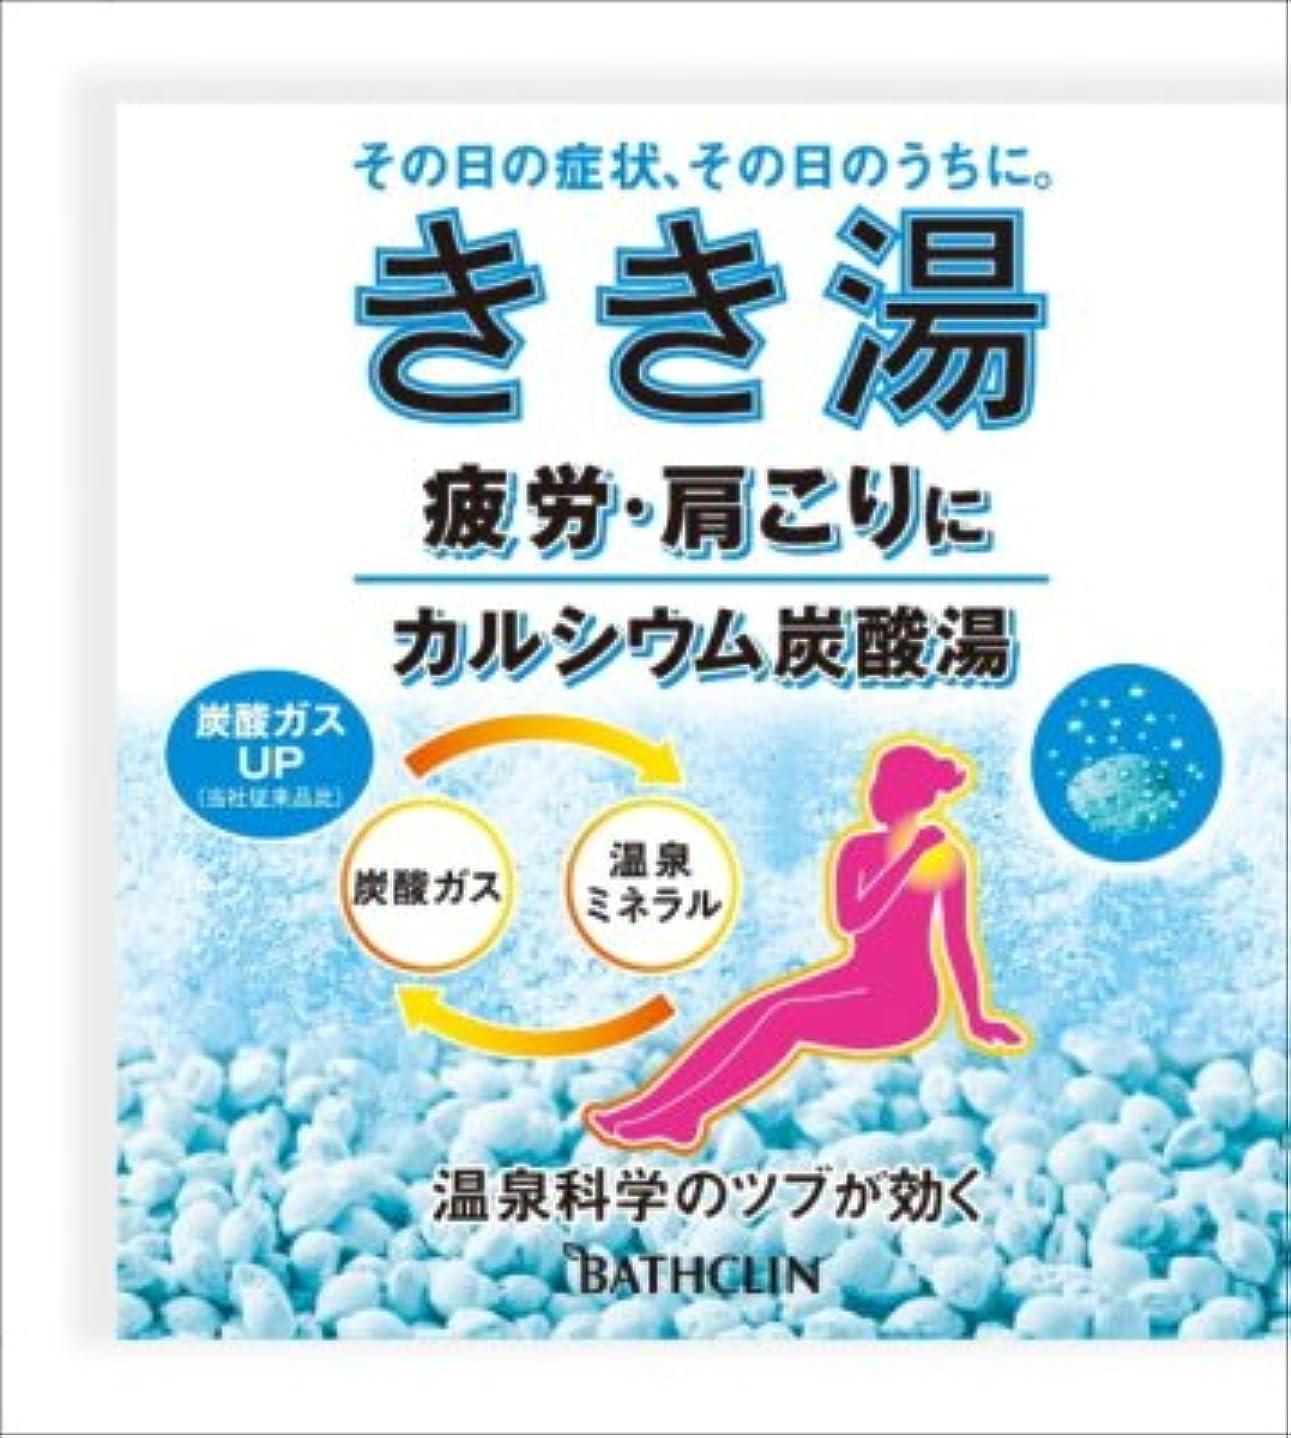 くびれたドライブ建てるバスクリン きき湯 カルシウム炭酸湯 30g ×120個セット 青空色のお湯(透明タイプ) 気分のんびりラムネの香り 入浴剤